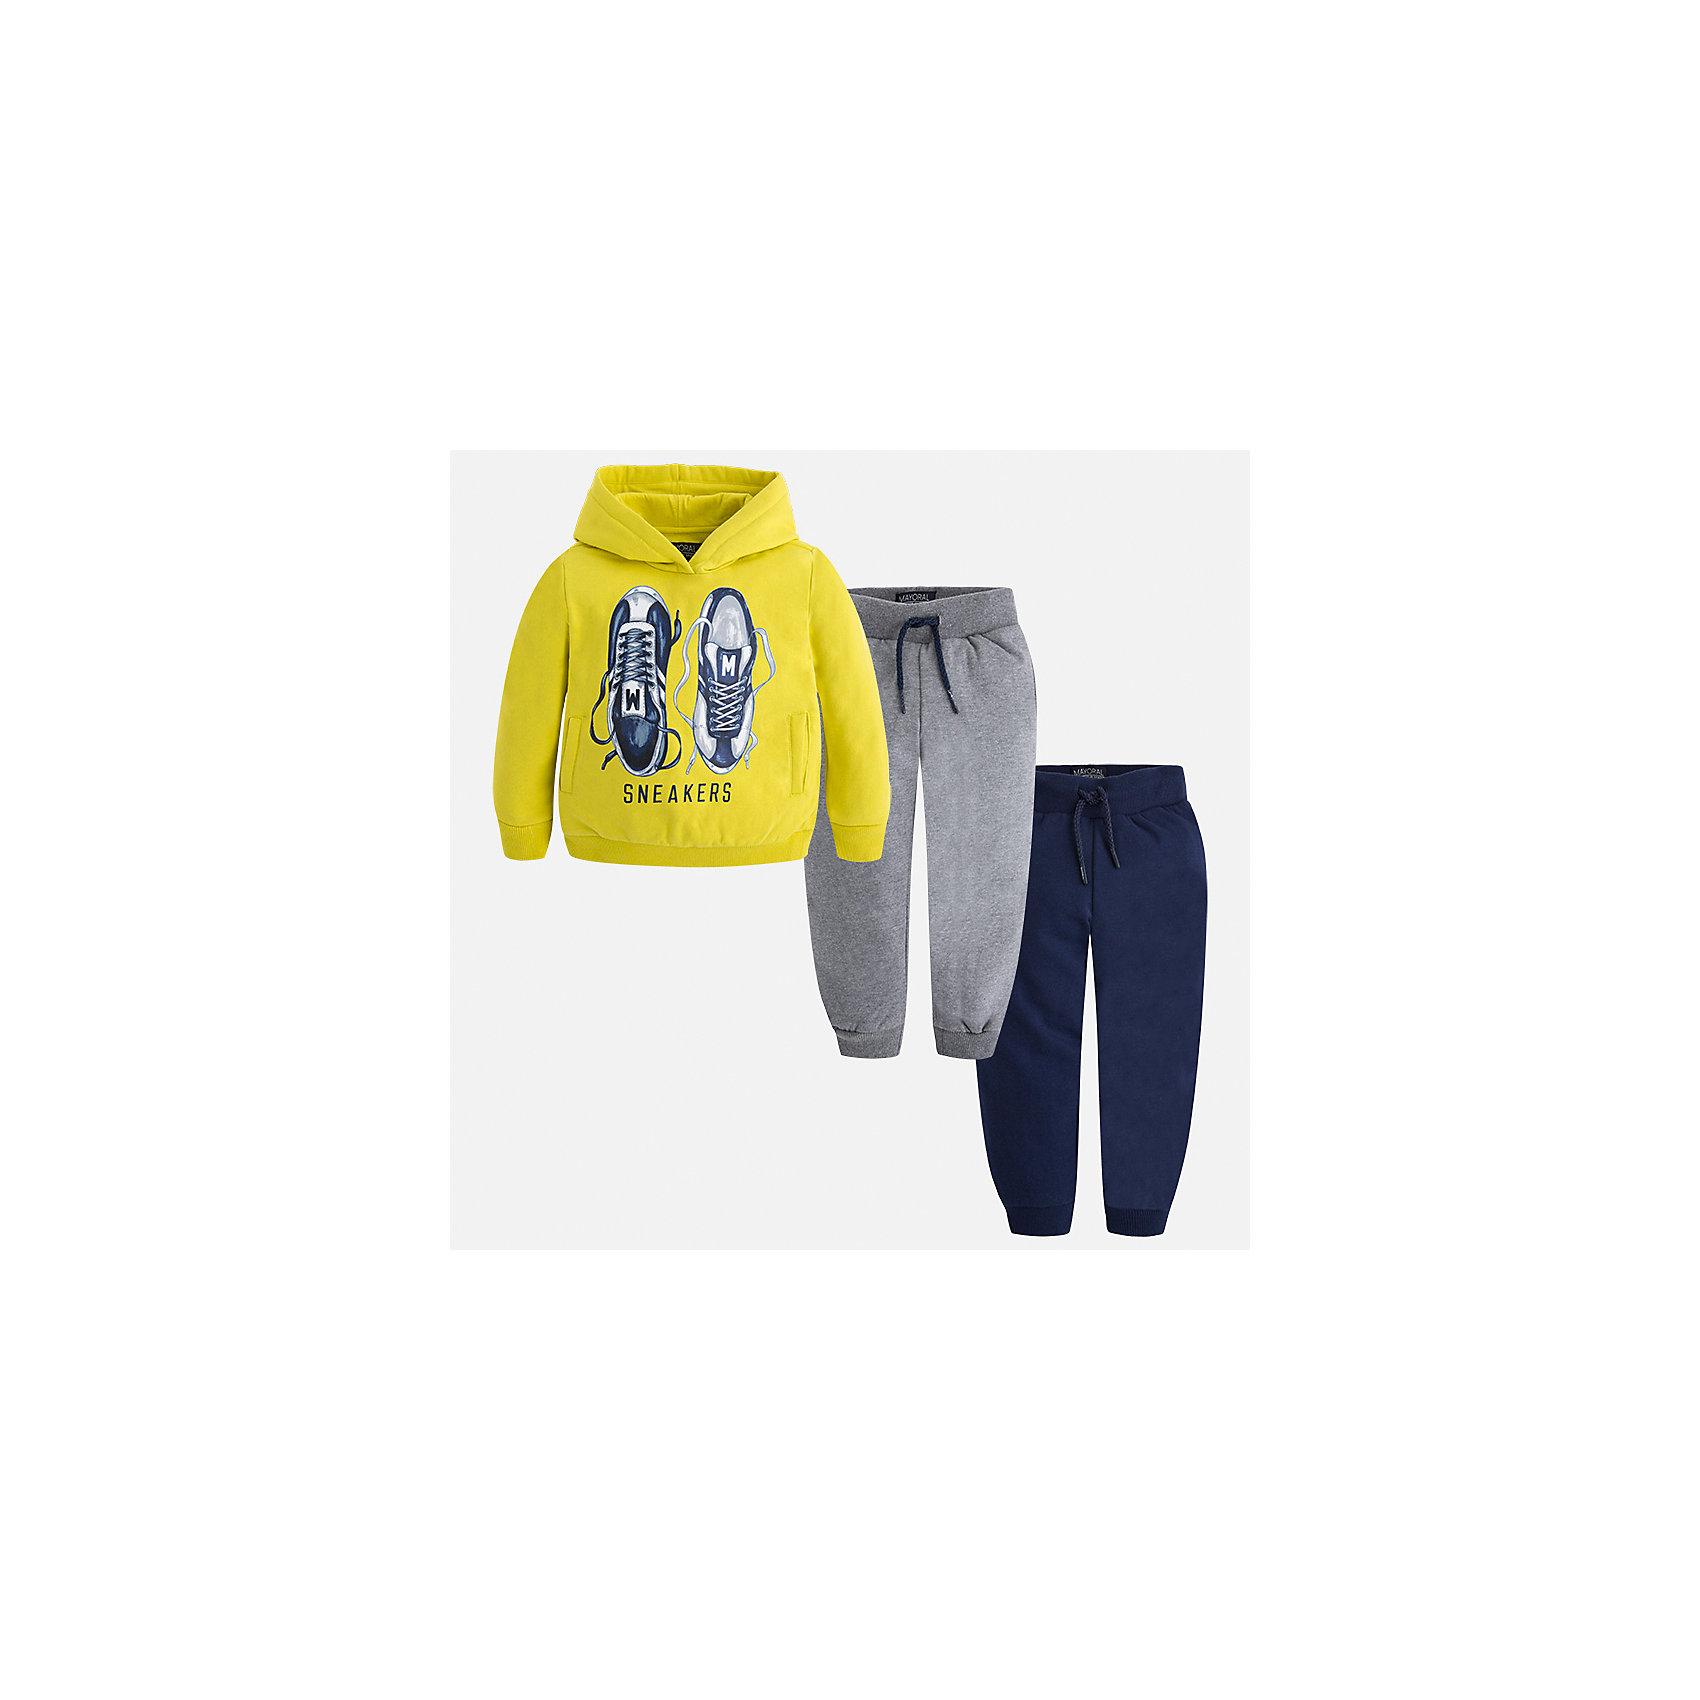 Спортивный костюм Mayoral для мальчикаКомплекты<br>Характеристики товара:<br><br>• цвет: зеленый<br>• состав ткани: 60% хлопок, 40% полиэстер<br>• комплектация: куртка, 2 брюк<br>• сезон: демисезон<br>• особенности модели: спортивный стиль<br>• капюшон<br>• длинные рукава<br>• пояс брюк: резинка, шнурок<br>• страна бренда: Испания<br>• страна изготовитель: Индия<br><br>Модный спортивный костюм для мальчика от Майорал поможет обеспечить ребенку комфорт. Детский костюм для спорта отличается стильным и продуманным дизайном. В спортивном костюме для мальчика от испанской компании Майорал ребенок будет выглядеть модно, а чувствовать себя - комфортно. <br><br>Спортивный костюм для мальчика Mayoral (Майорал) можно купить в нашем интернет-магазине.<br><br>Ширина мм: 247<br>Глубина мм: 16<br>Высота мм: 140<br>Вес г: 225<br>Цвет: зеленый<br>Возраст от месяцев: 96<br>Возраст до месяцев: 108<br>Пол: Мужской<br>Возраст: Детский<br>Размер: 134,92,98,104,110,116,122,128<br>SKU: 6933088